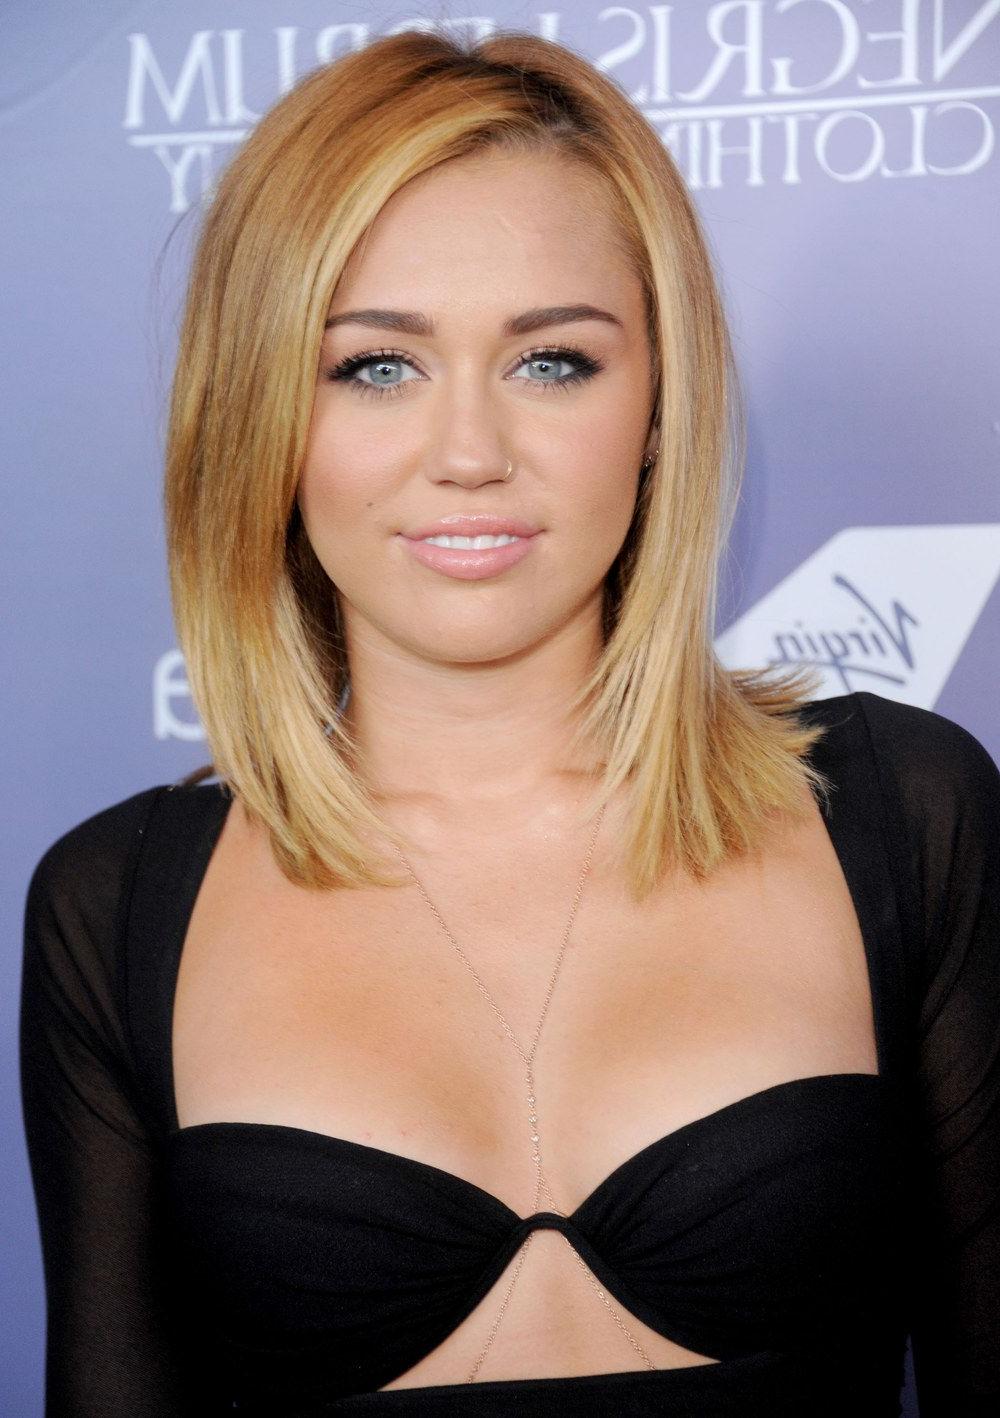 Miley Cyrus : Elle Se Laisse Pousser Les Cheveux (View 7 of 20)